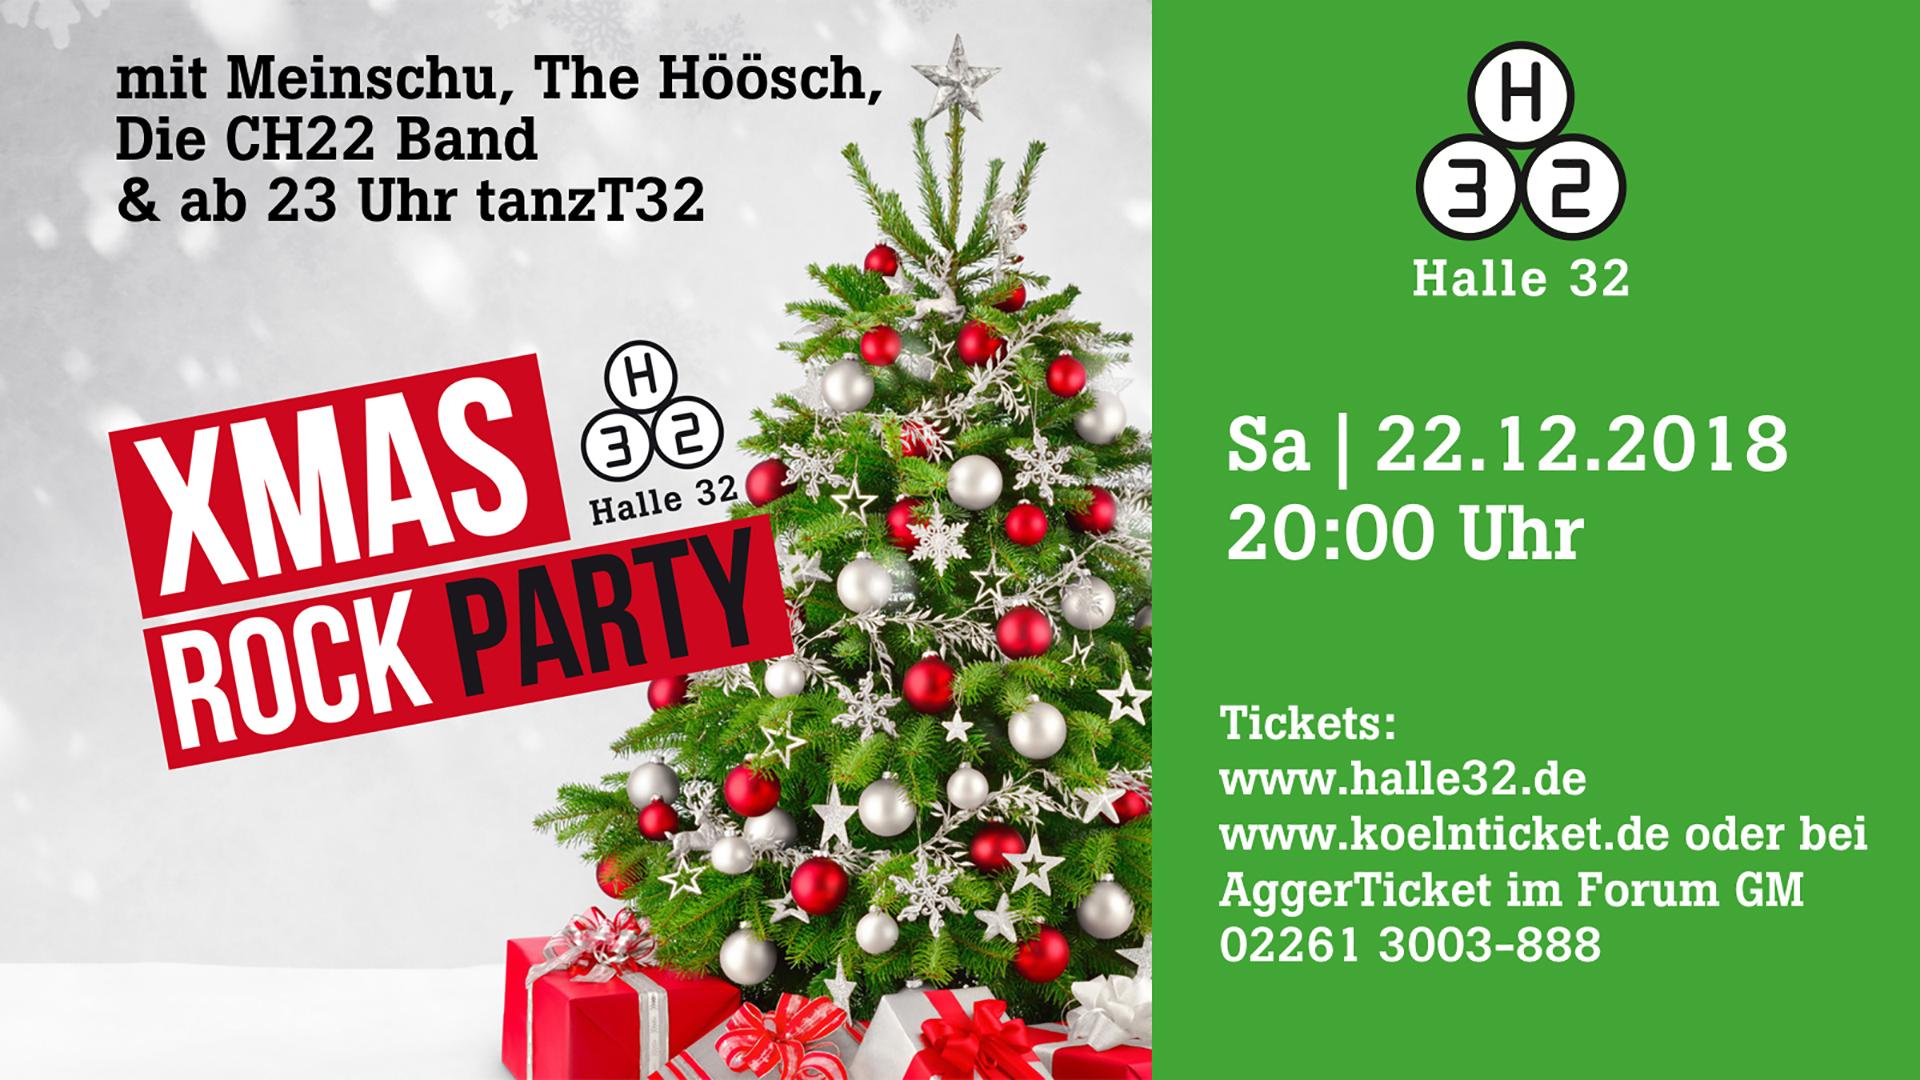 Halle 32 | Xmas Rock Party